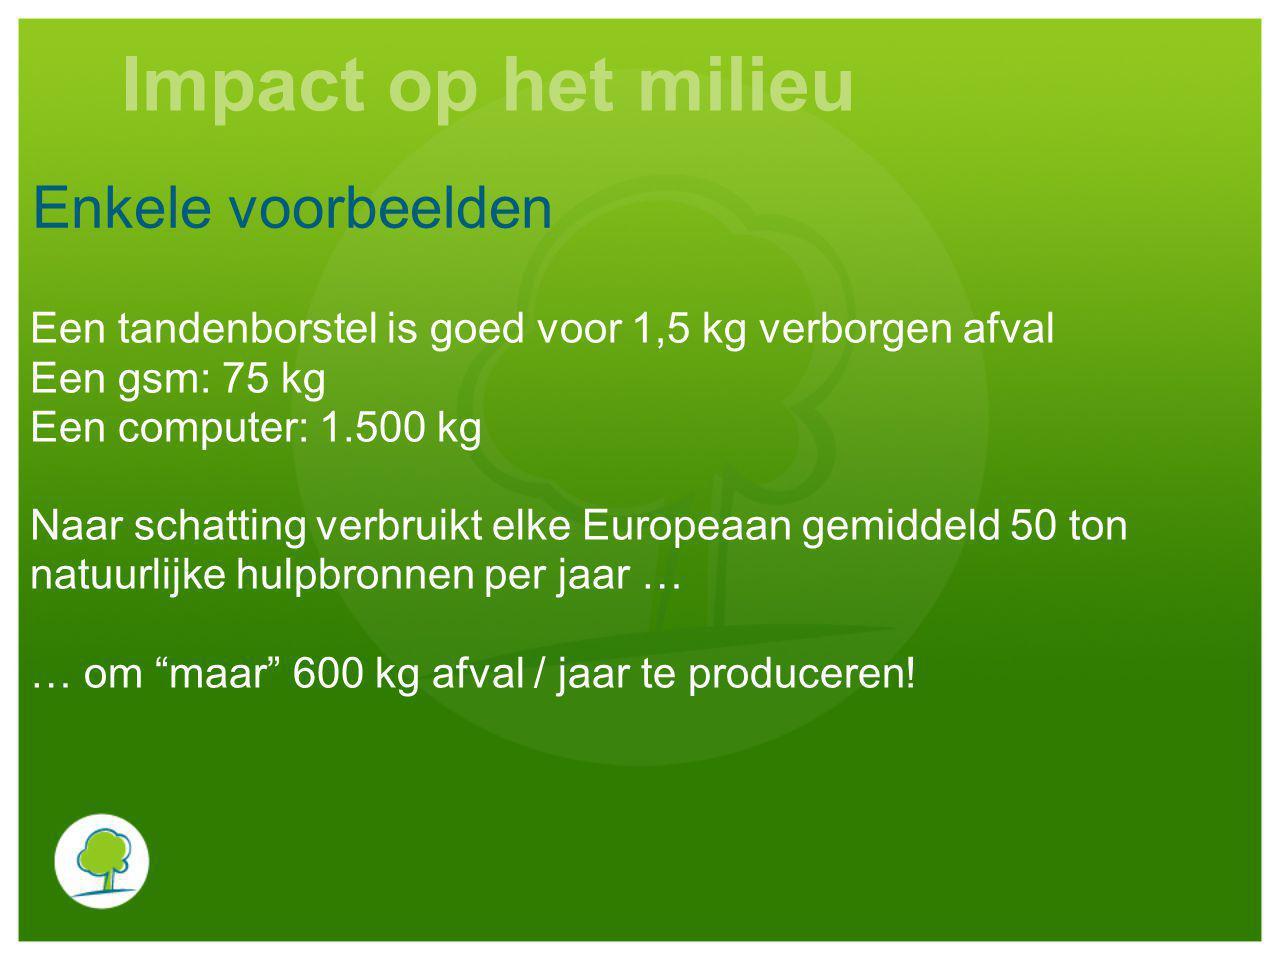 Enkele voorbeelden Een tandenborstel is goed voor 1,5 kg verborgen afval Een gsm: 75 kg Een computer: 1.500 kg Naar schatting verbruikt elke Europeaan gemiddeld 50 ton natuurlijke hulpbronnen per jaar … … om maar 600 kg afval / jaar te produceren.